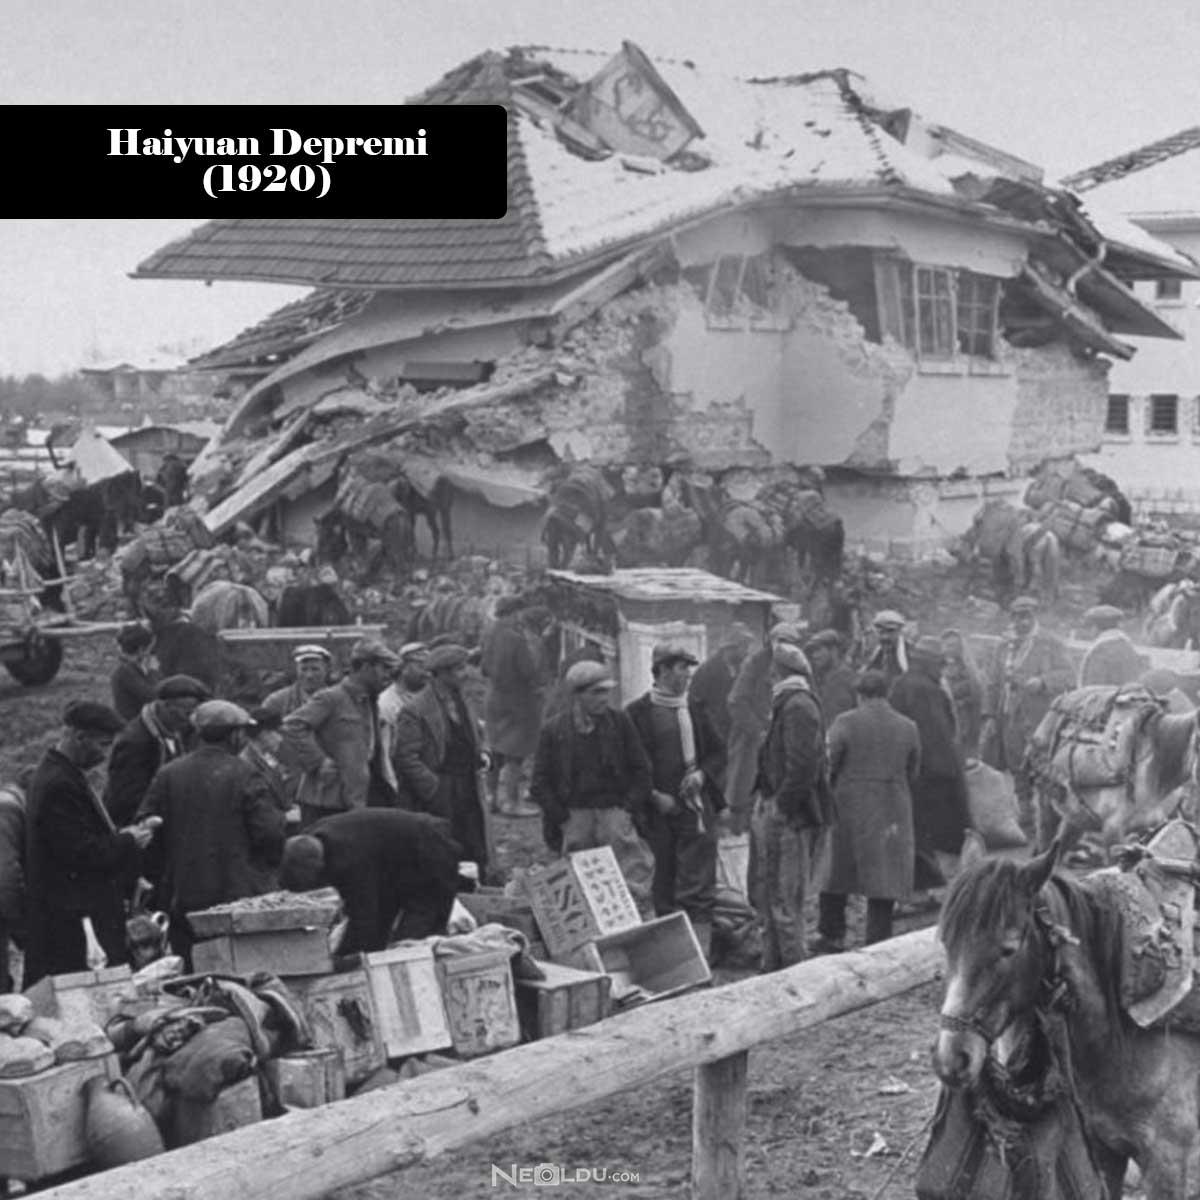 haiyuan-depremi-(1920).jpg